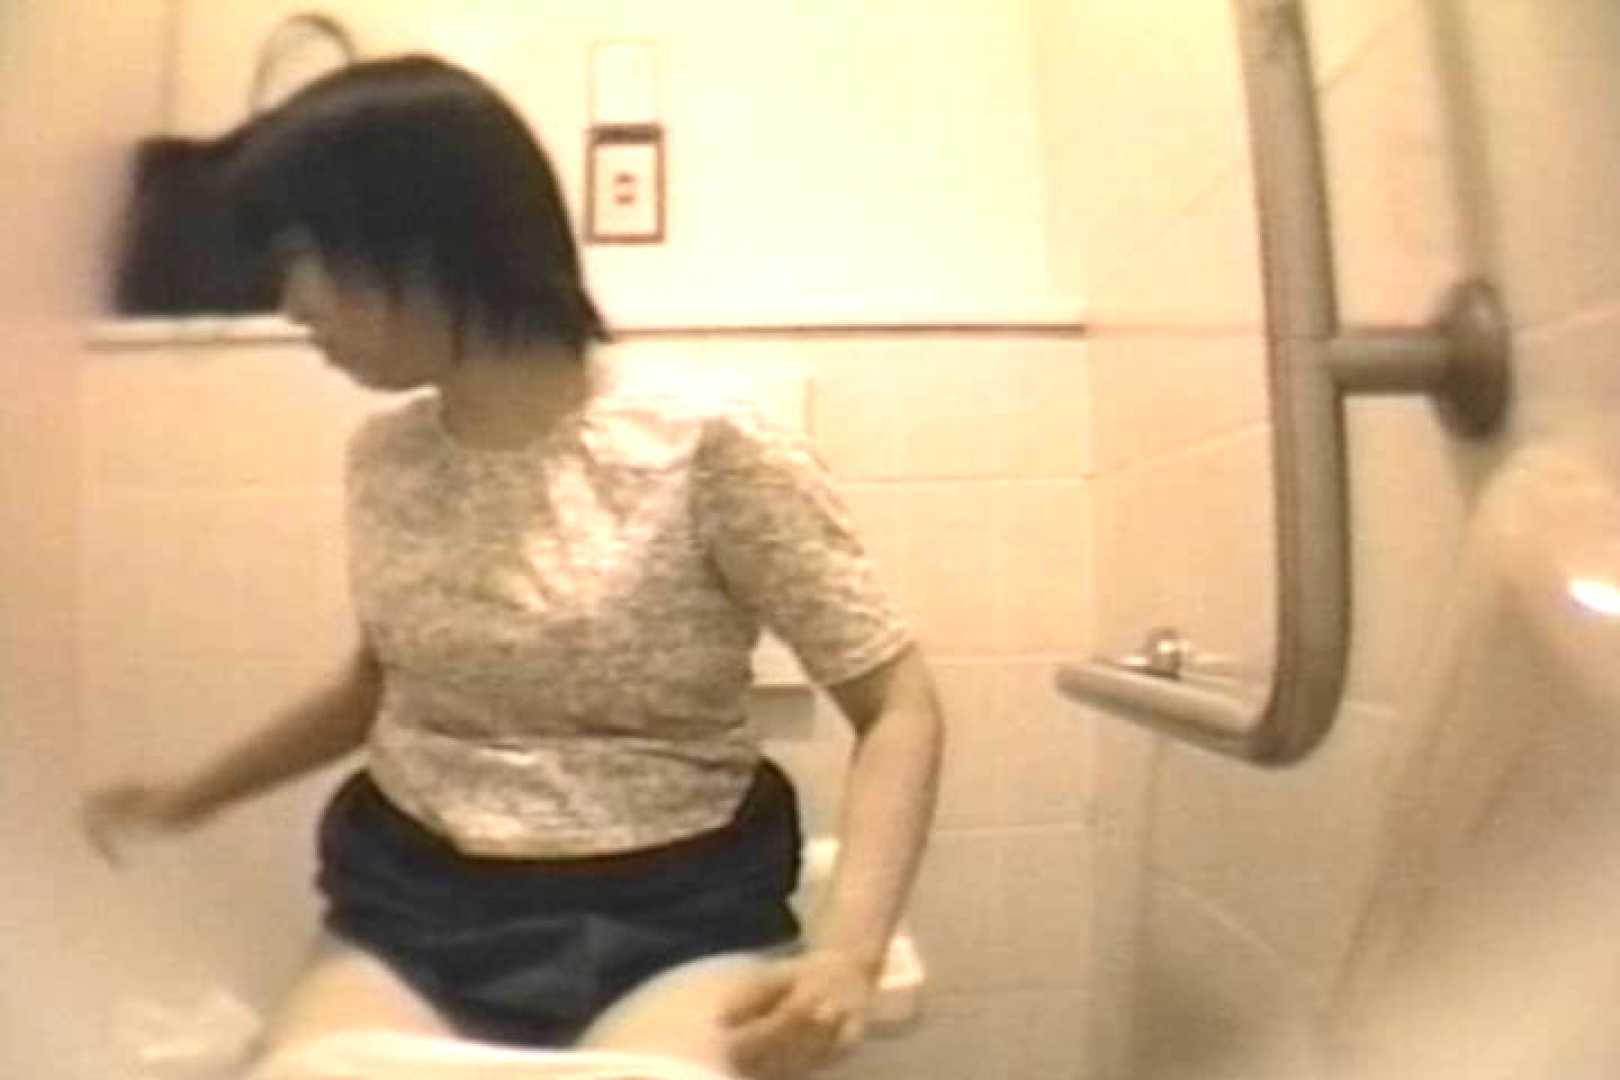 個室狂いのマニア映像Vol.4 OL  102枚 98